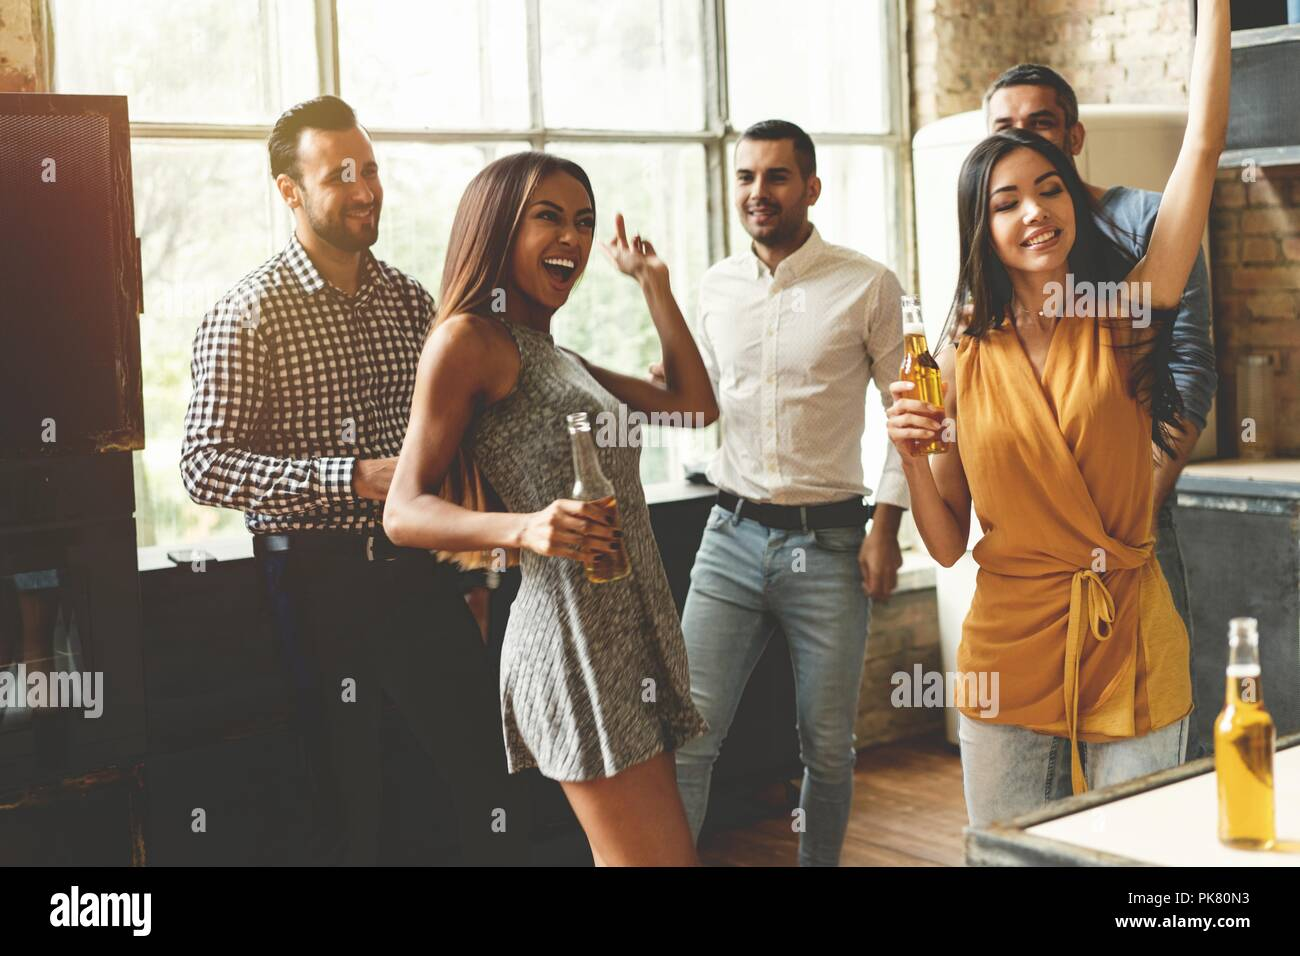 Profiter de la fête avec ses meilleurs amis. Cheerful young people dancing et boire tout en profitant d'accueil de travail sur la cuisine. Photo Stock